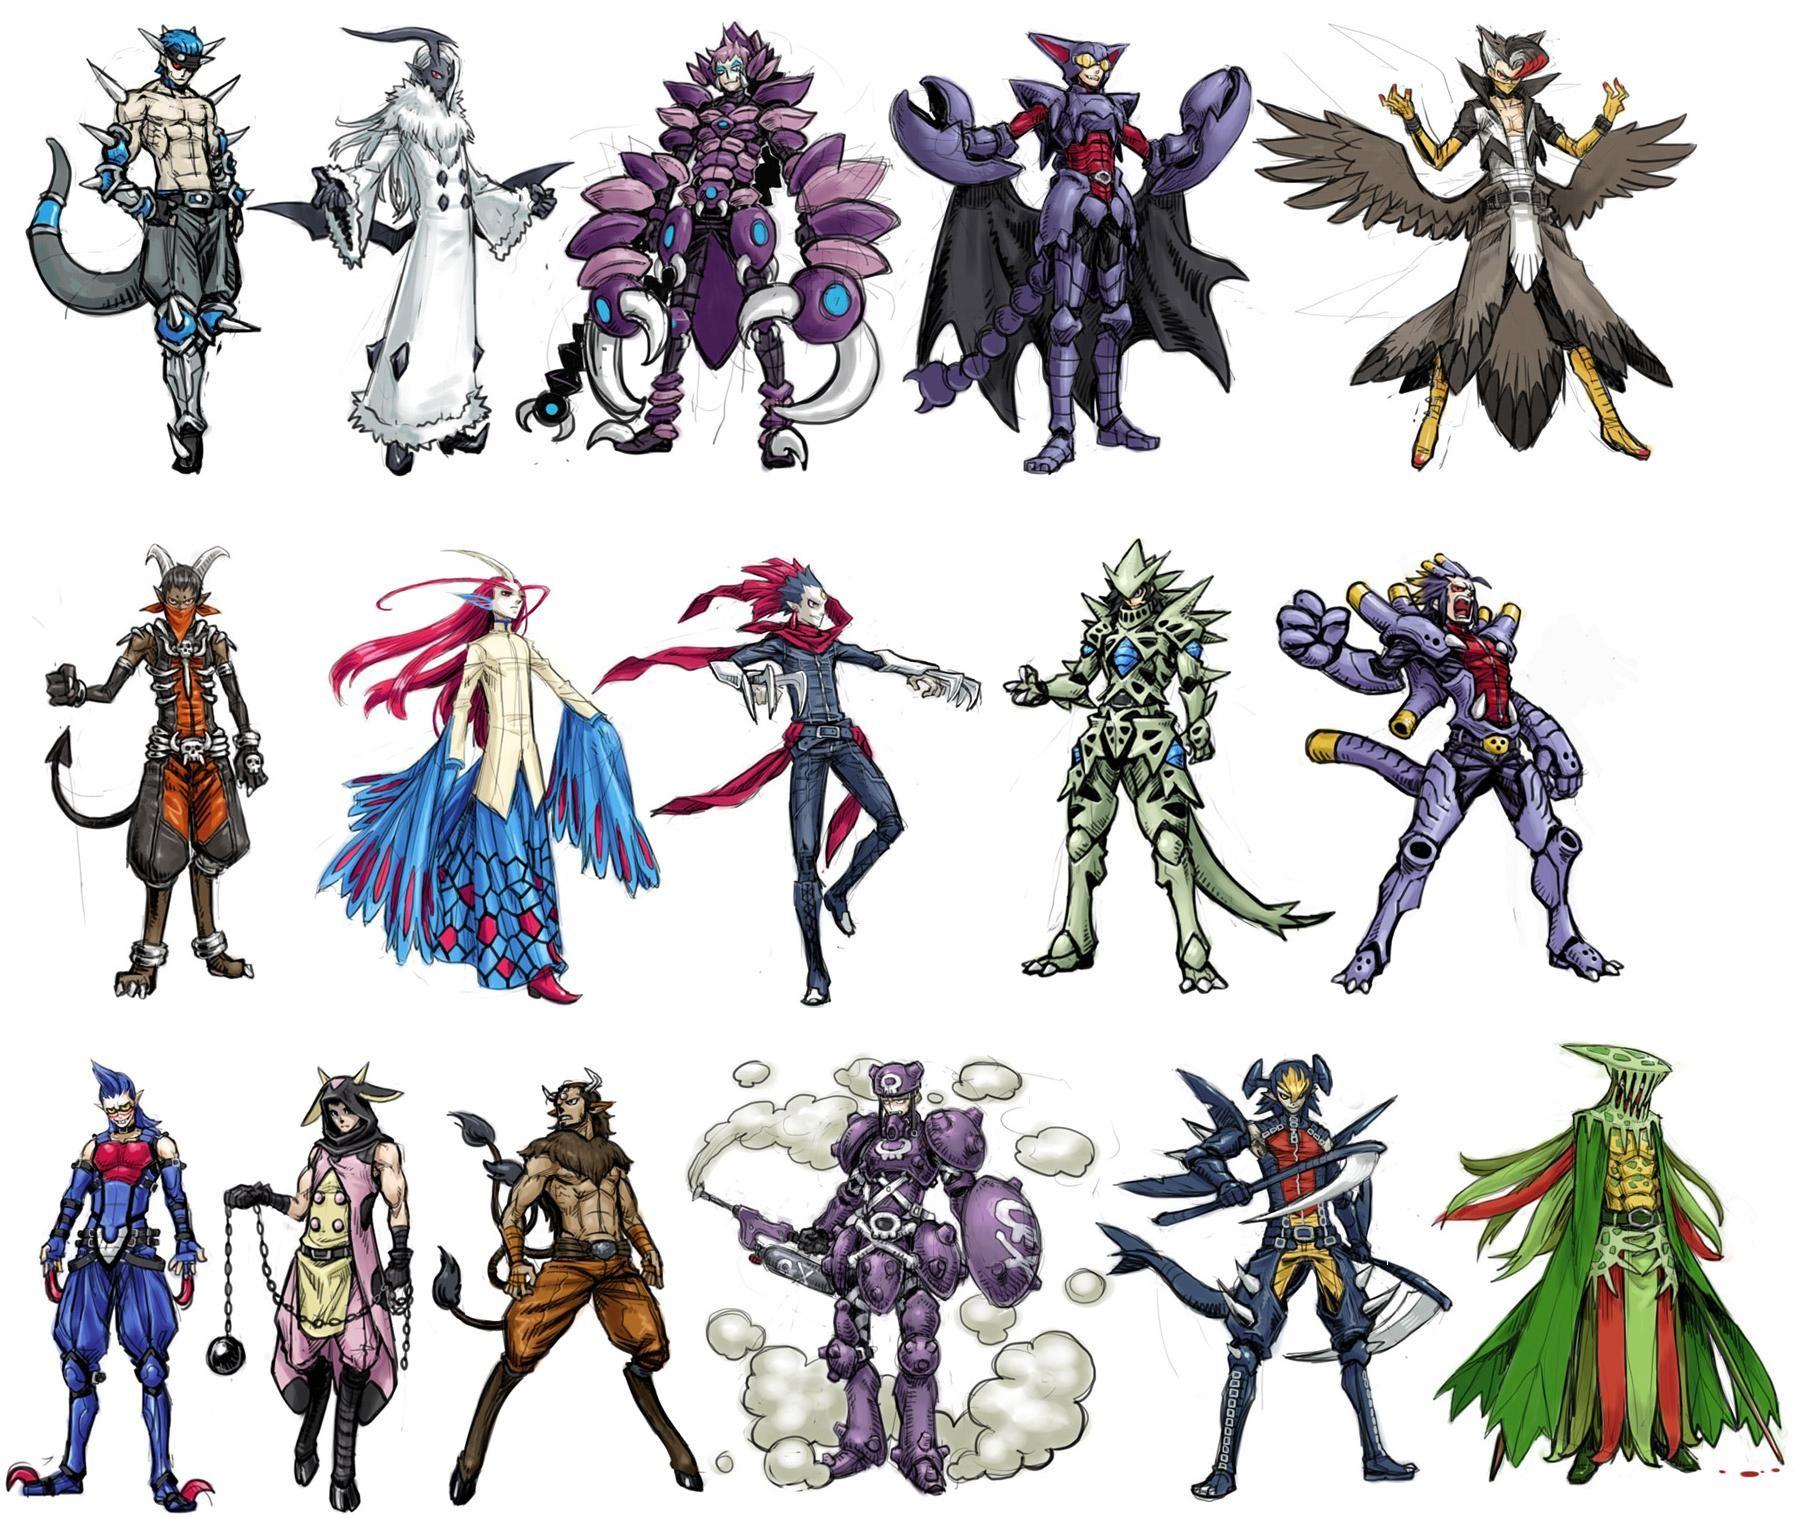 Pokemon monster hunter crossover via reddit user kaanvi for Decorations monster hunter world